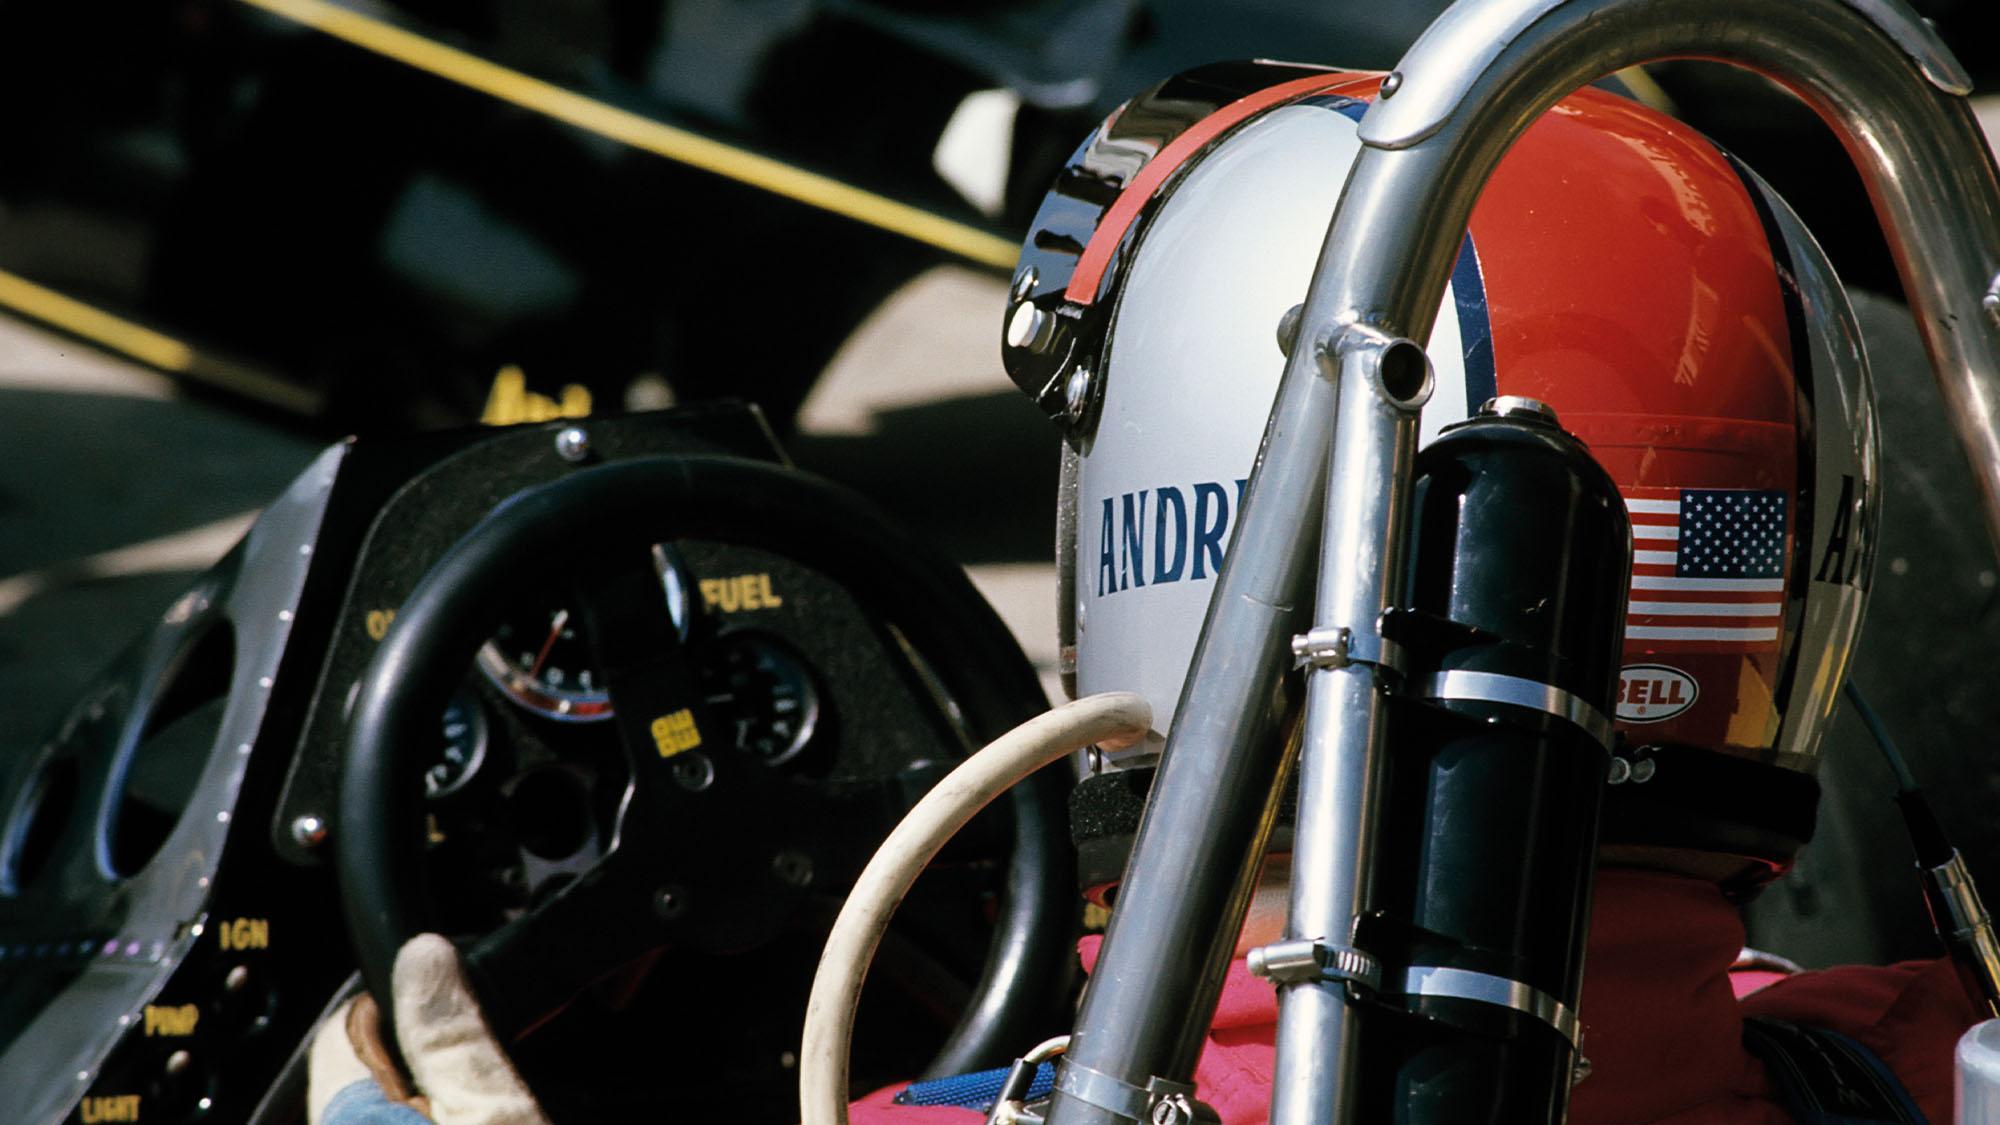 Andretti lead